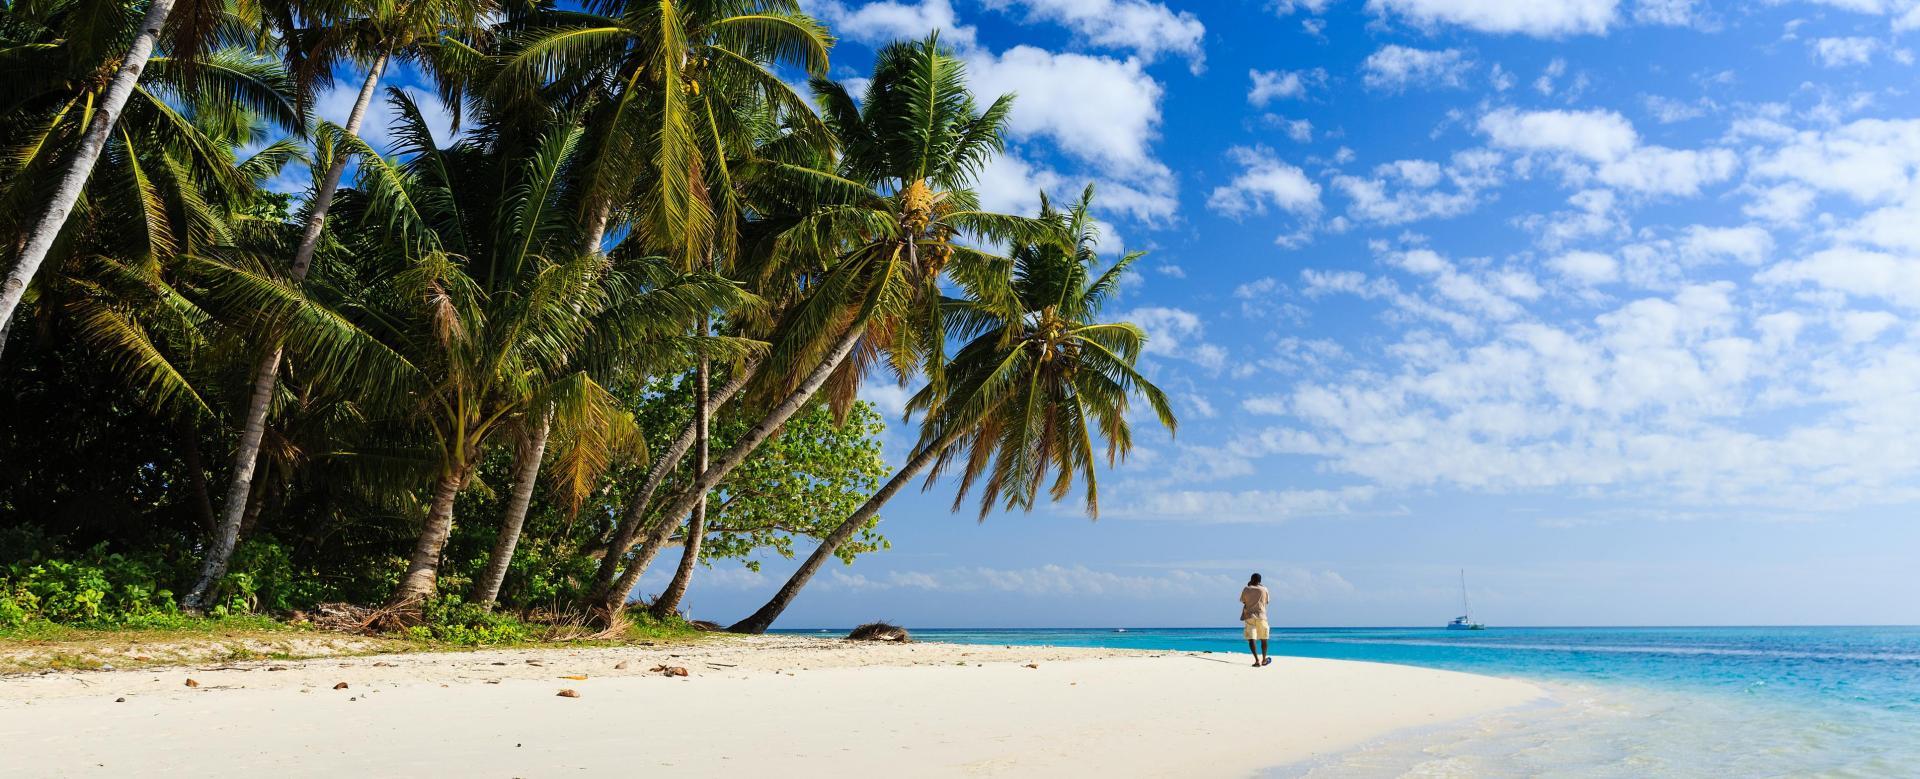 Voyage à pied : Madagascar : Montagne d\'ambre et île de nosy be